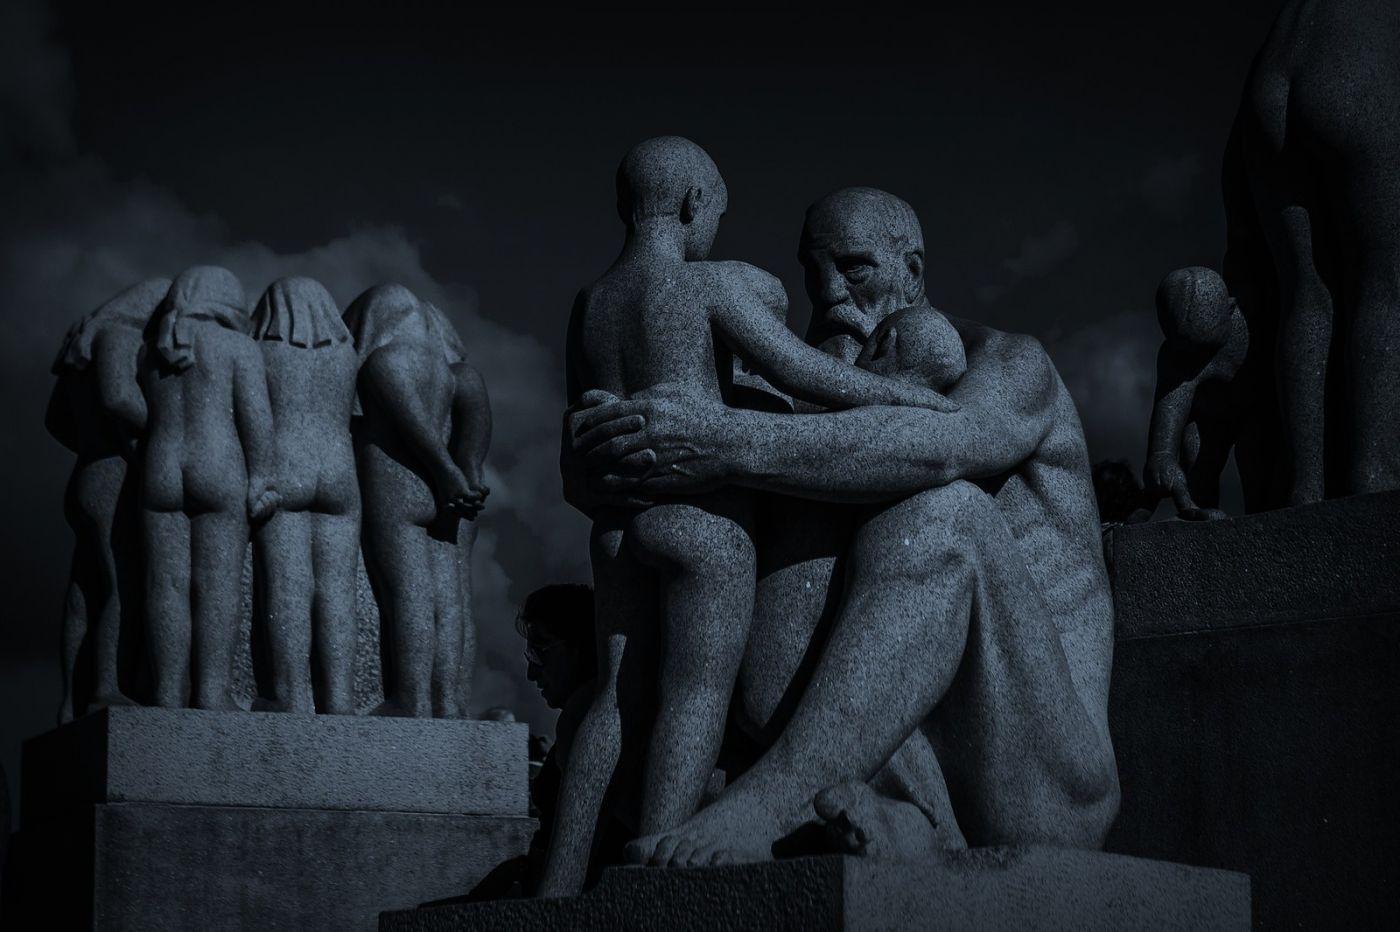 挪威维格兰雕塑公园,艺术的确来自生活_图1-1